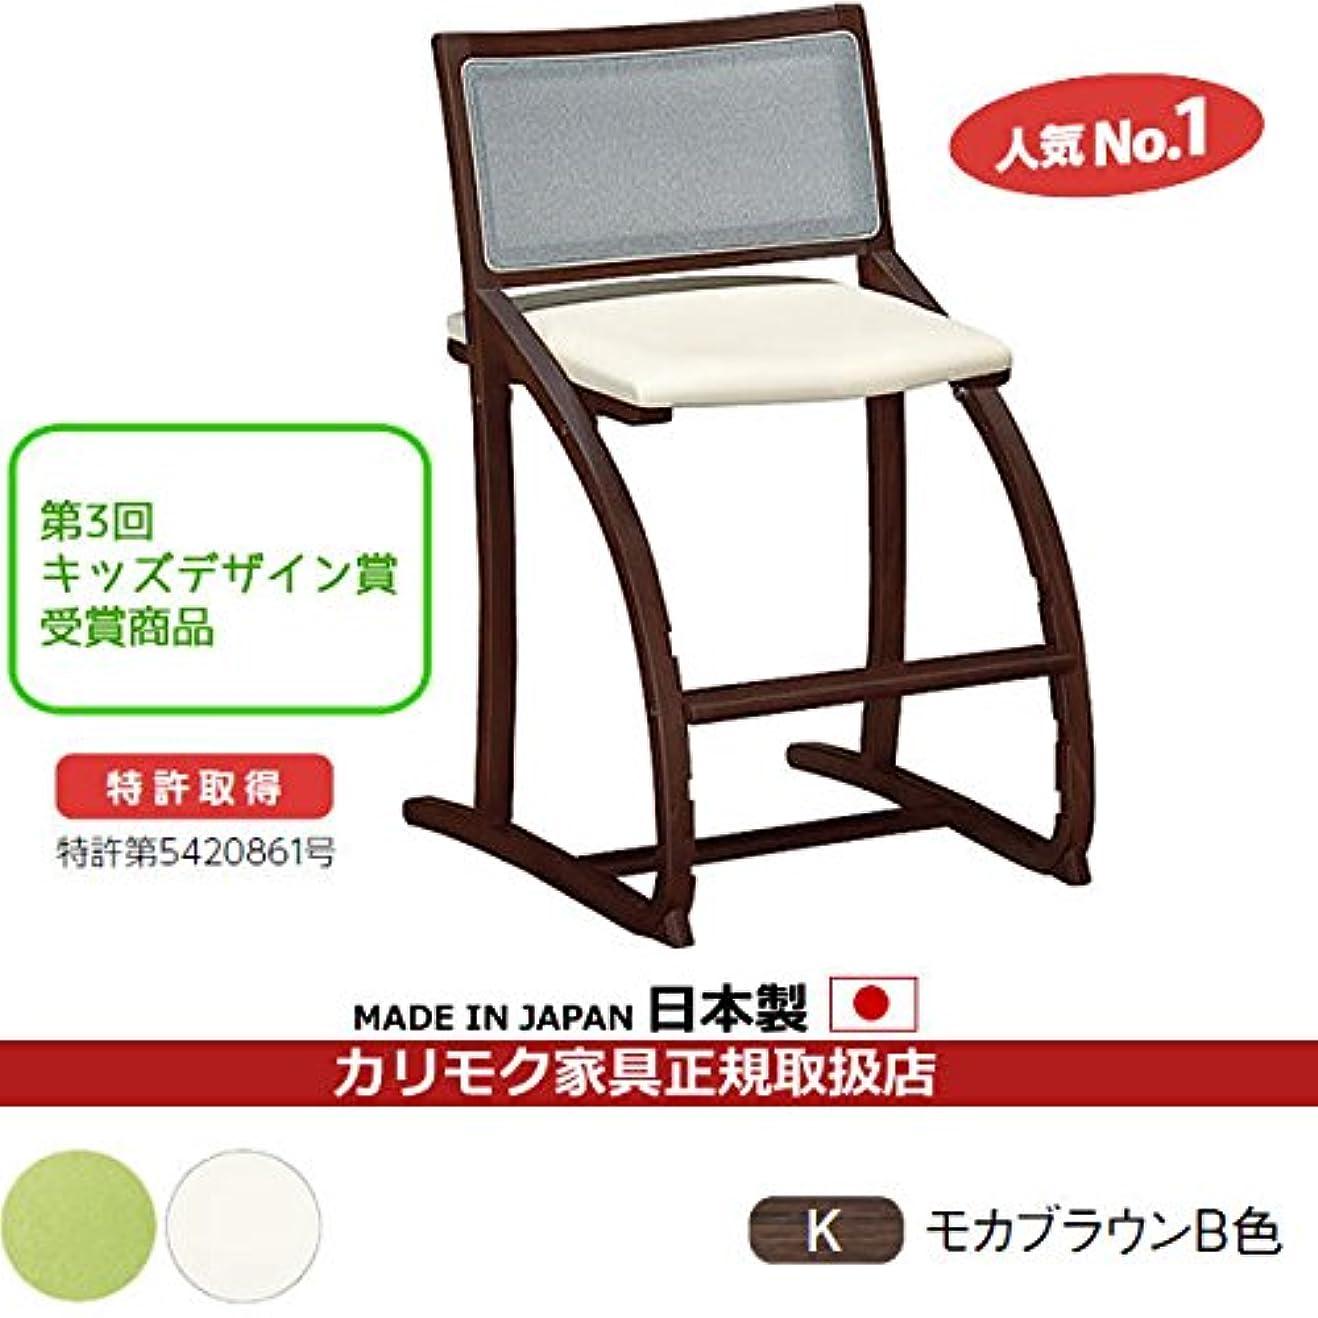 アンティーク抜け目がない日カリモク デスクチェア?学習チェア?学習椅子/ XT2401 cresce/クレシェ モカブラウンB色 幅470mm 張地カラー:I)ピュアアイボリー